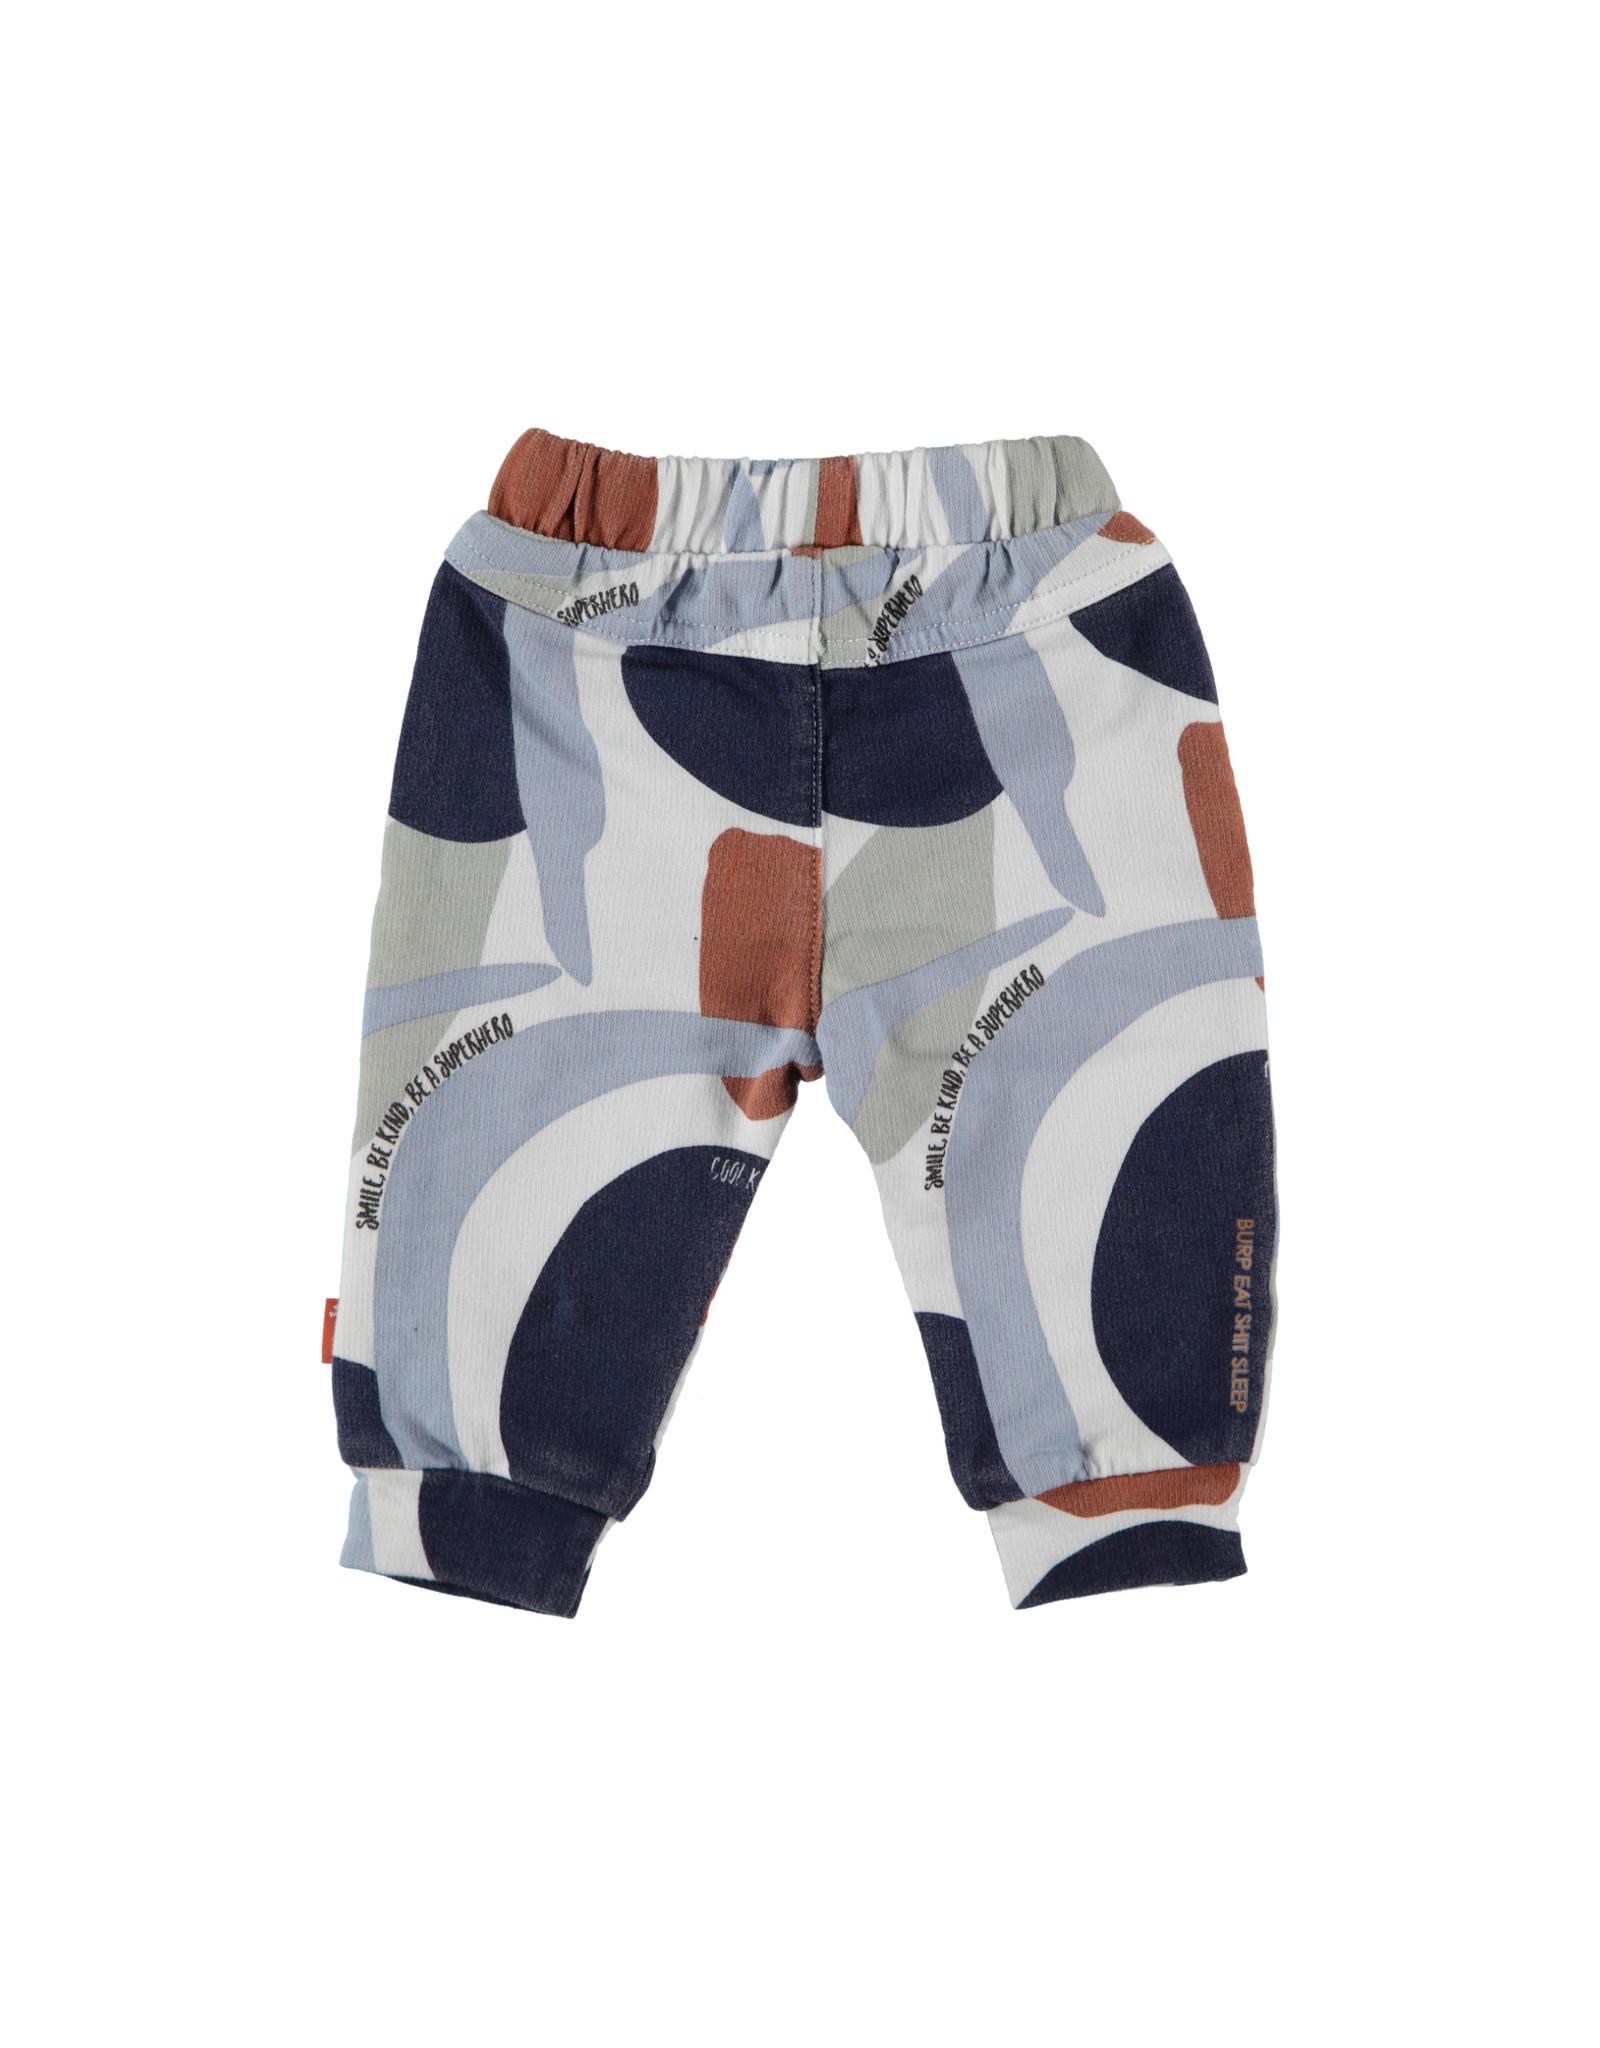 B.E.S.S. Pants AOP Camouflage, Dessin